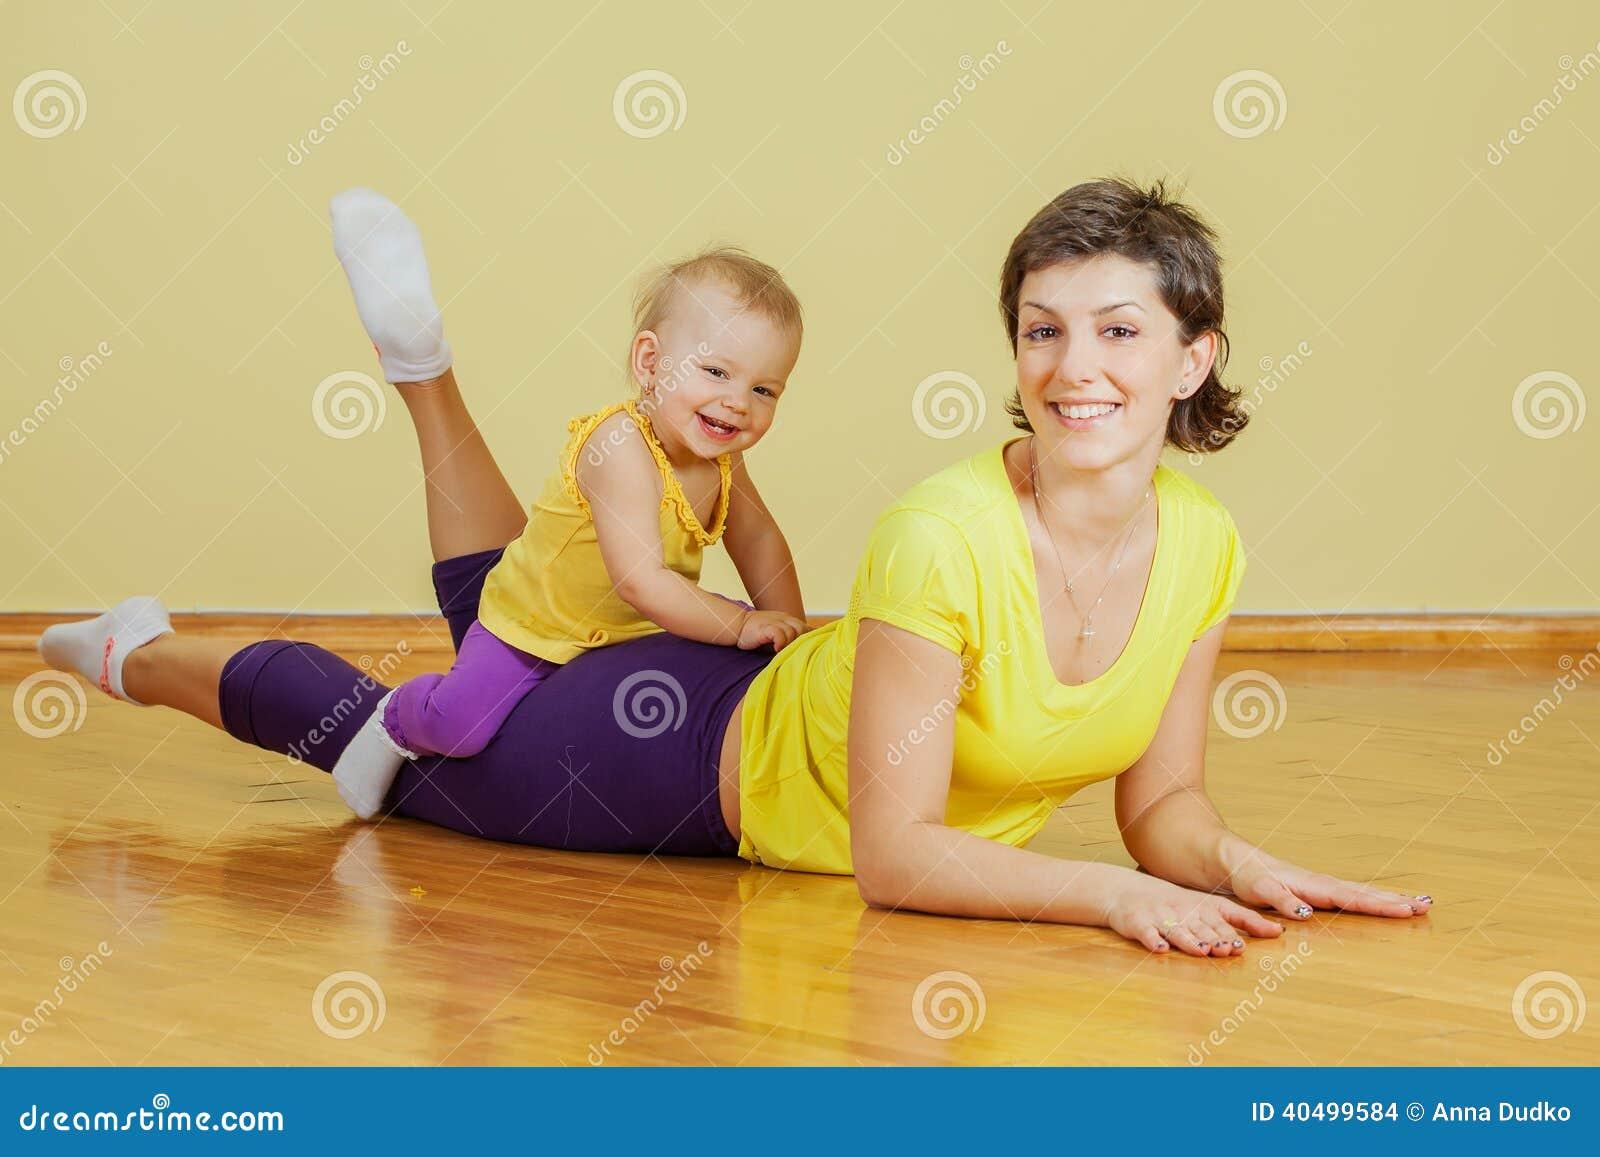 Η μητέρα κάνει τις σωματικές ασκήσεις με την κόρη της